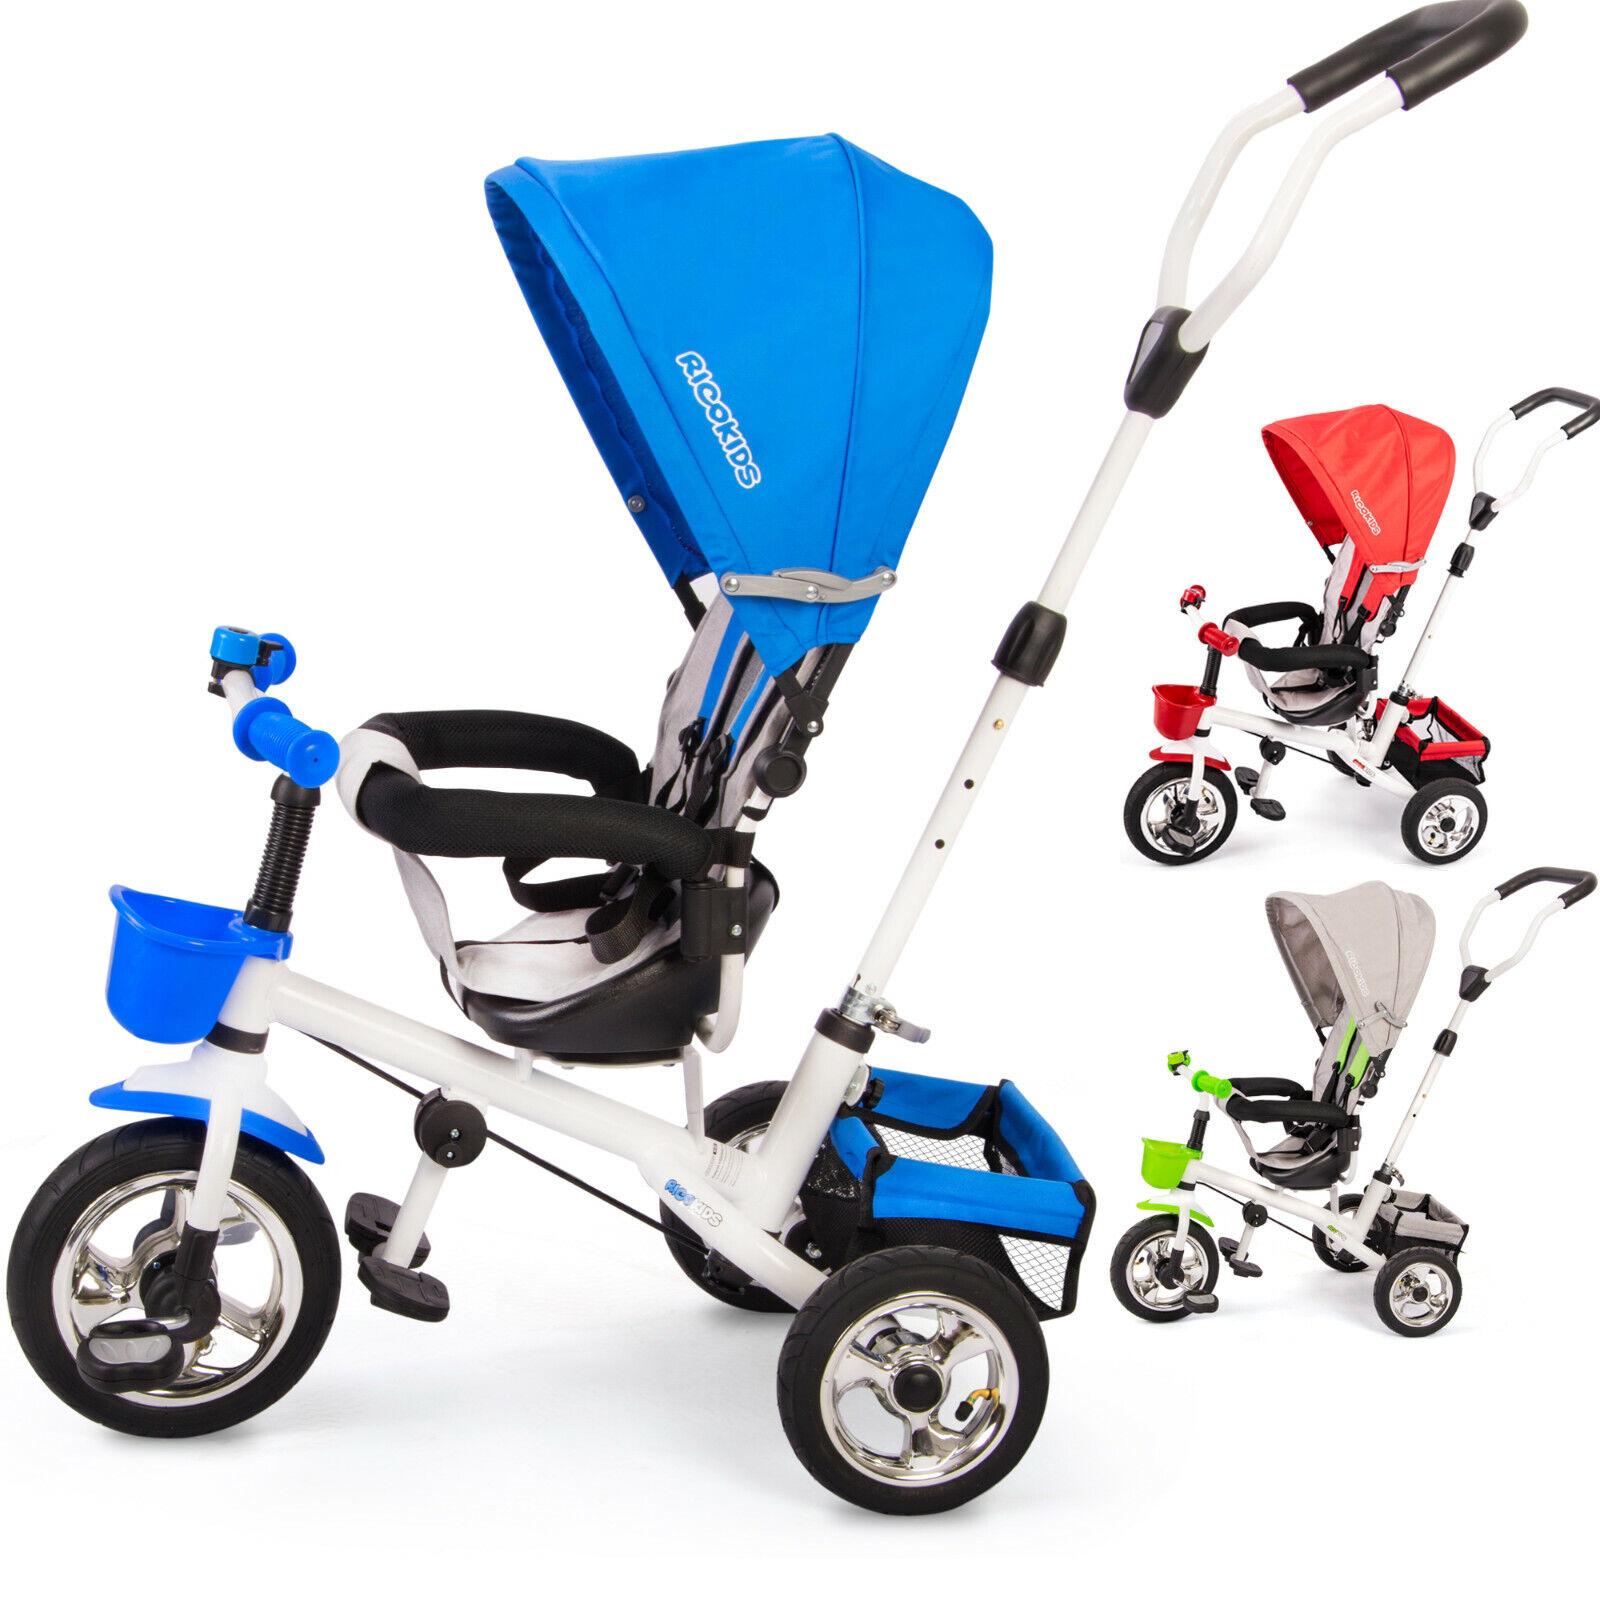 Dreirad Fahrrad Kinderwagen für Kinder mit Sonnendach Ricokids blau grau rot